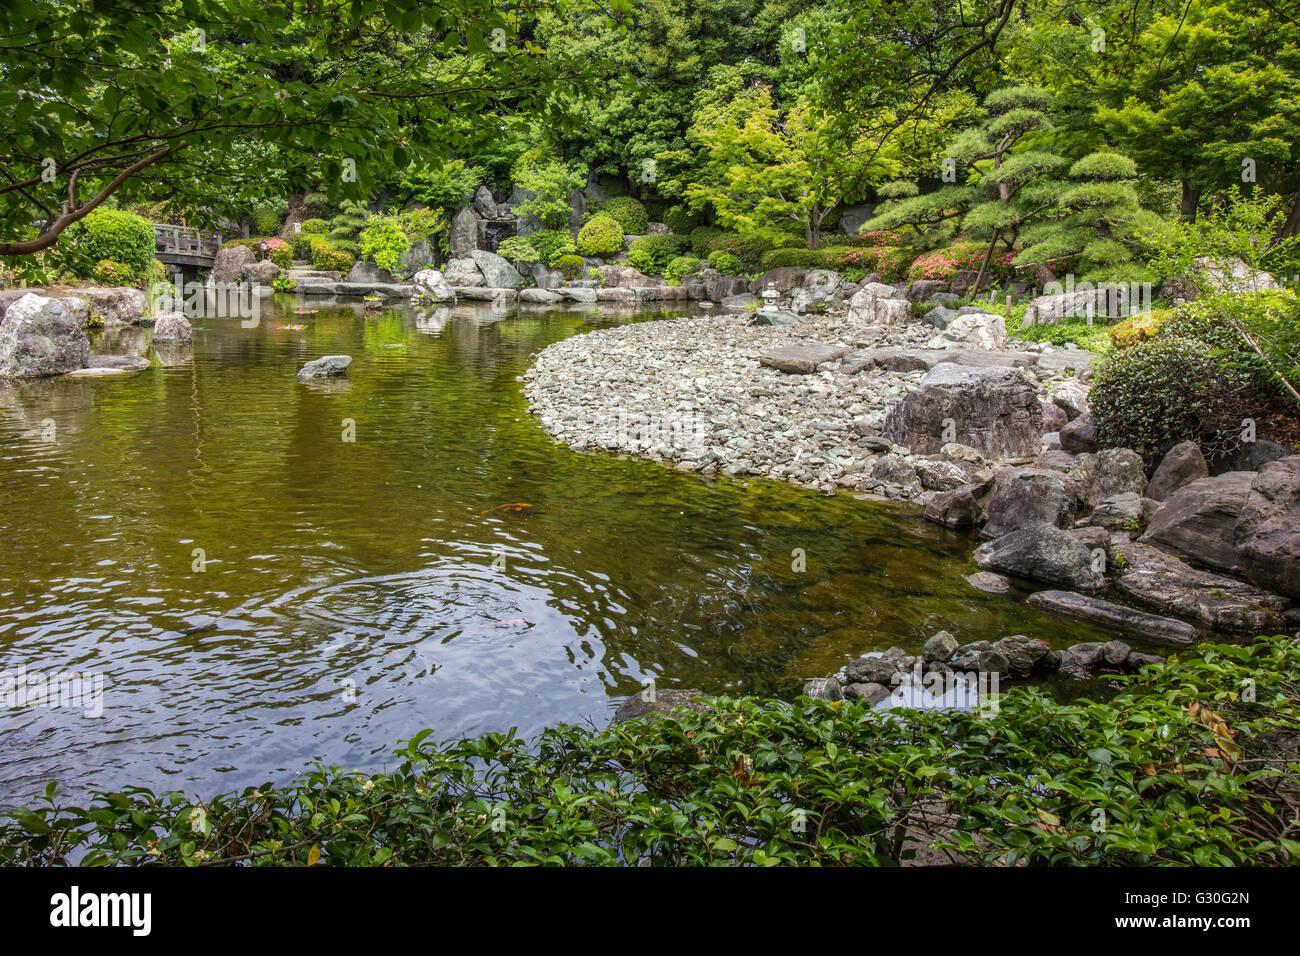 L'étang de koi à Hanahata Hanahata - Jardin Jardin est une communauté jardin japonais d'Adachi Photo Stock